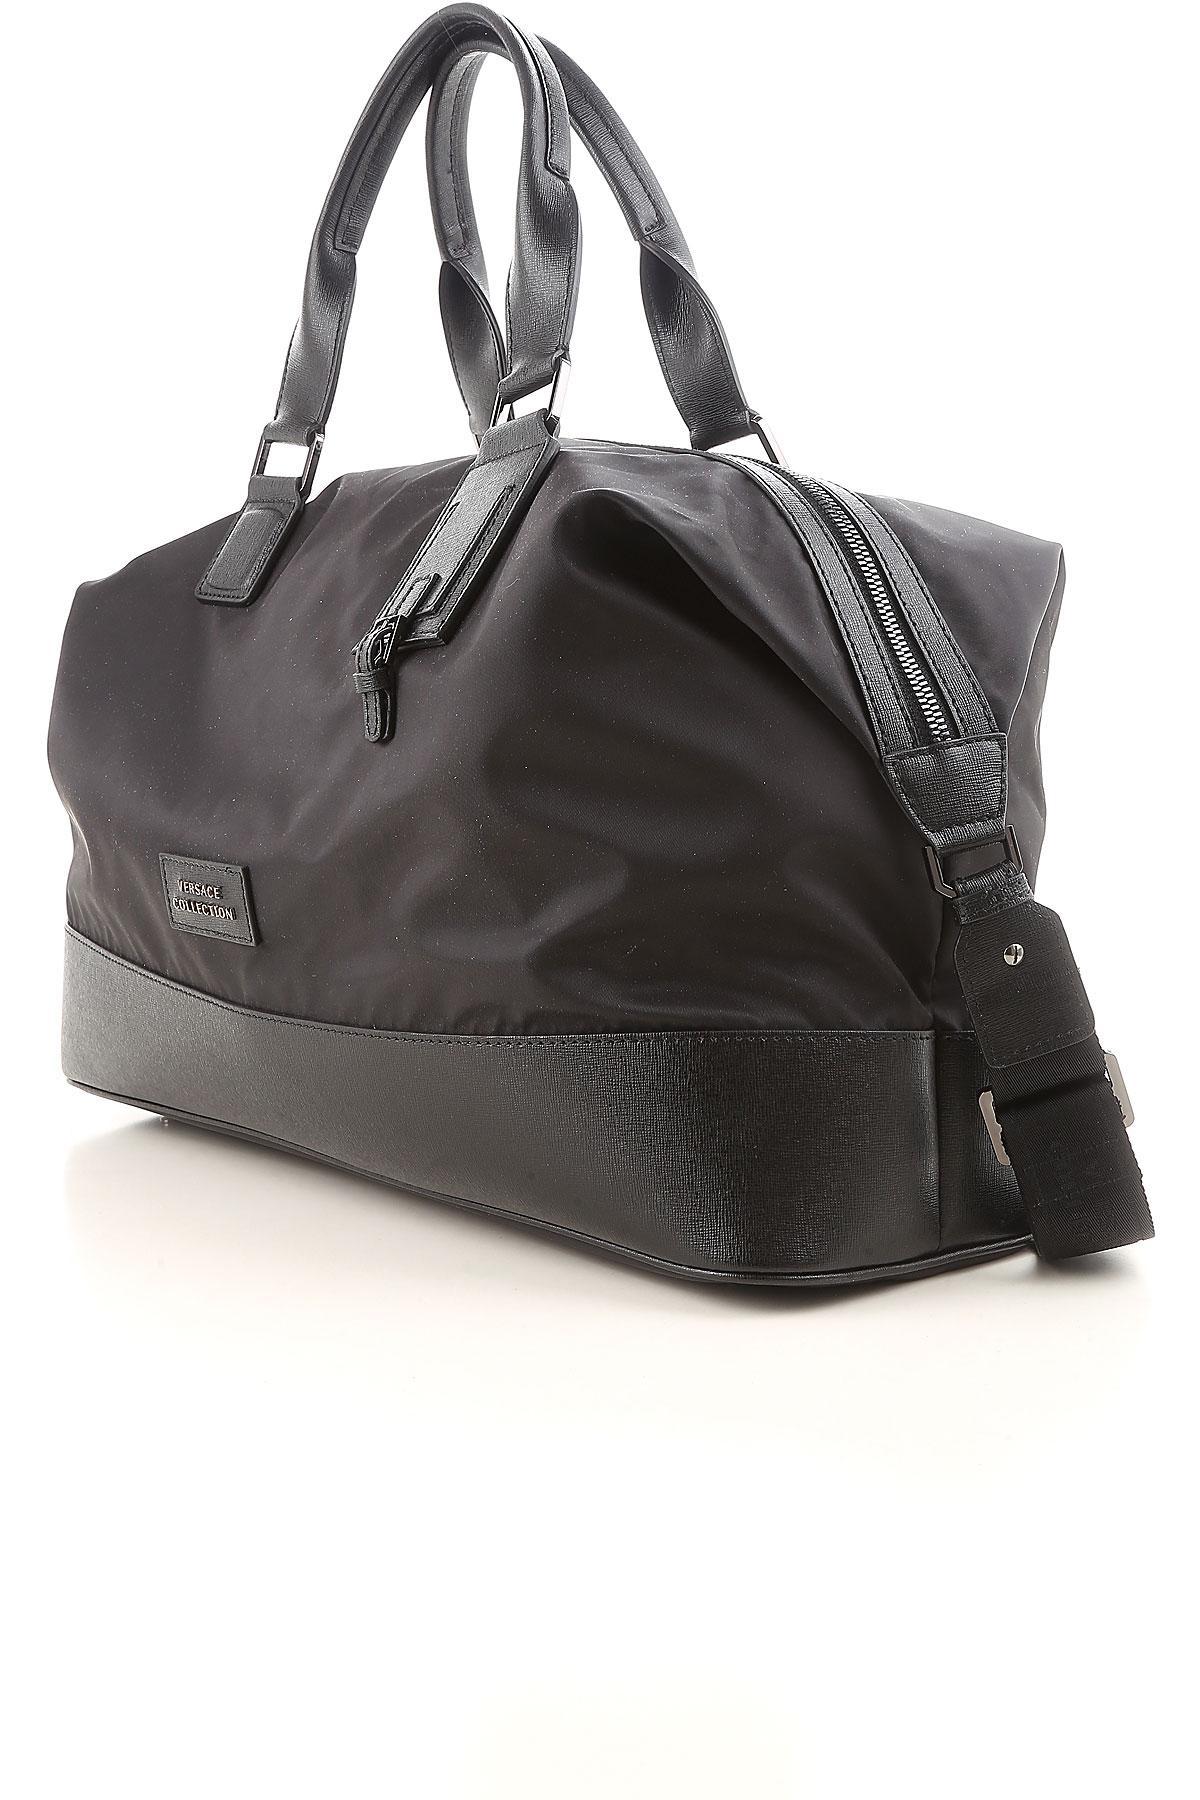 af5f451e7025 Lyst - Versace Bags For Men in Black for Men